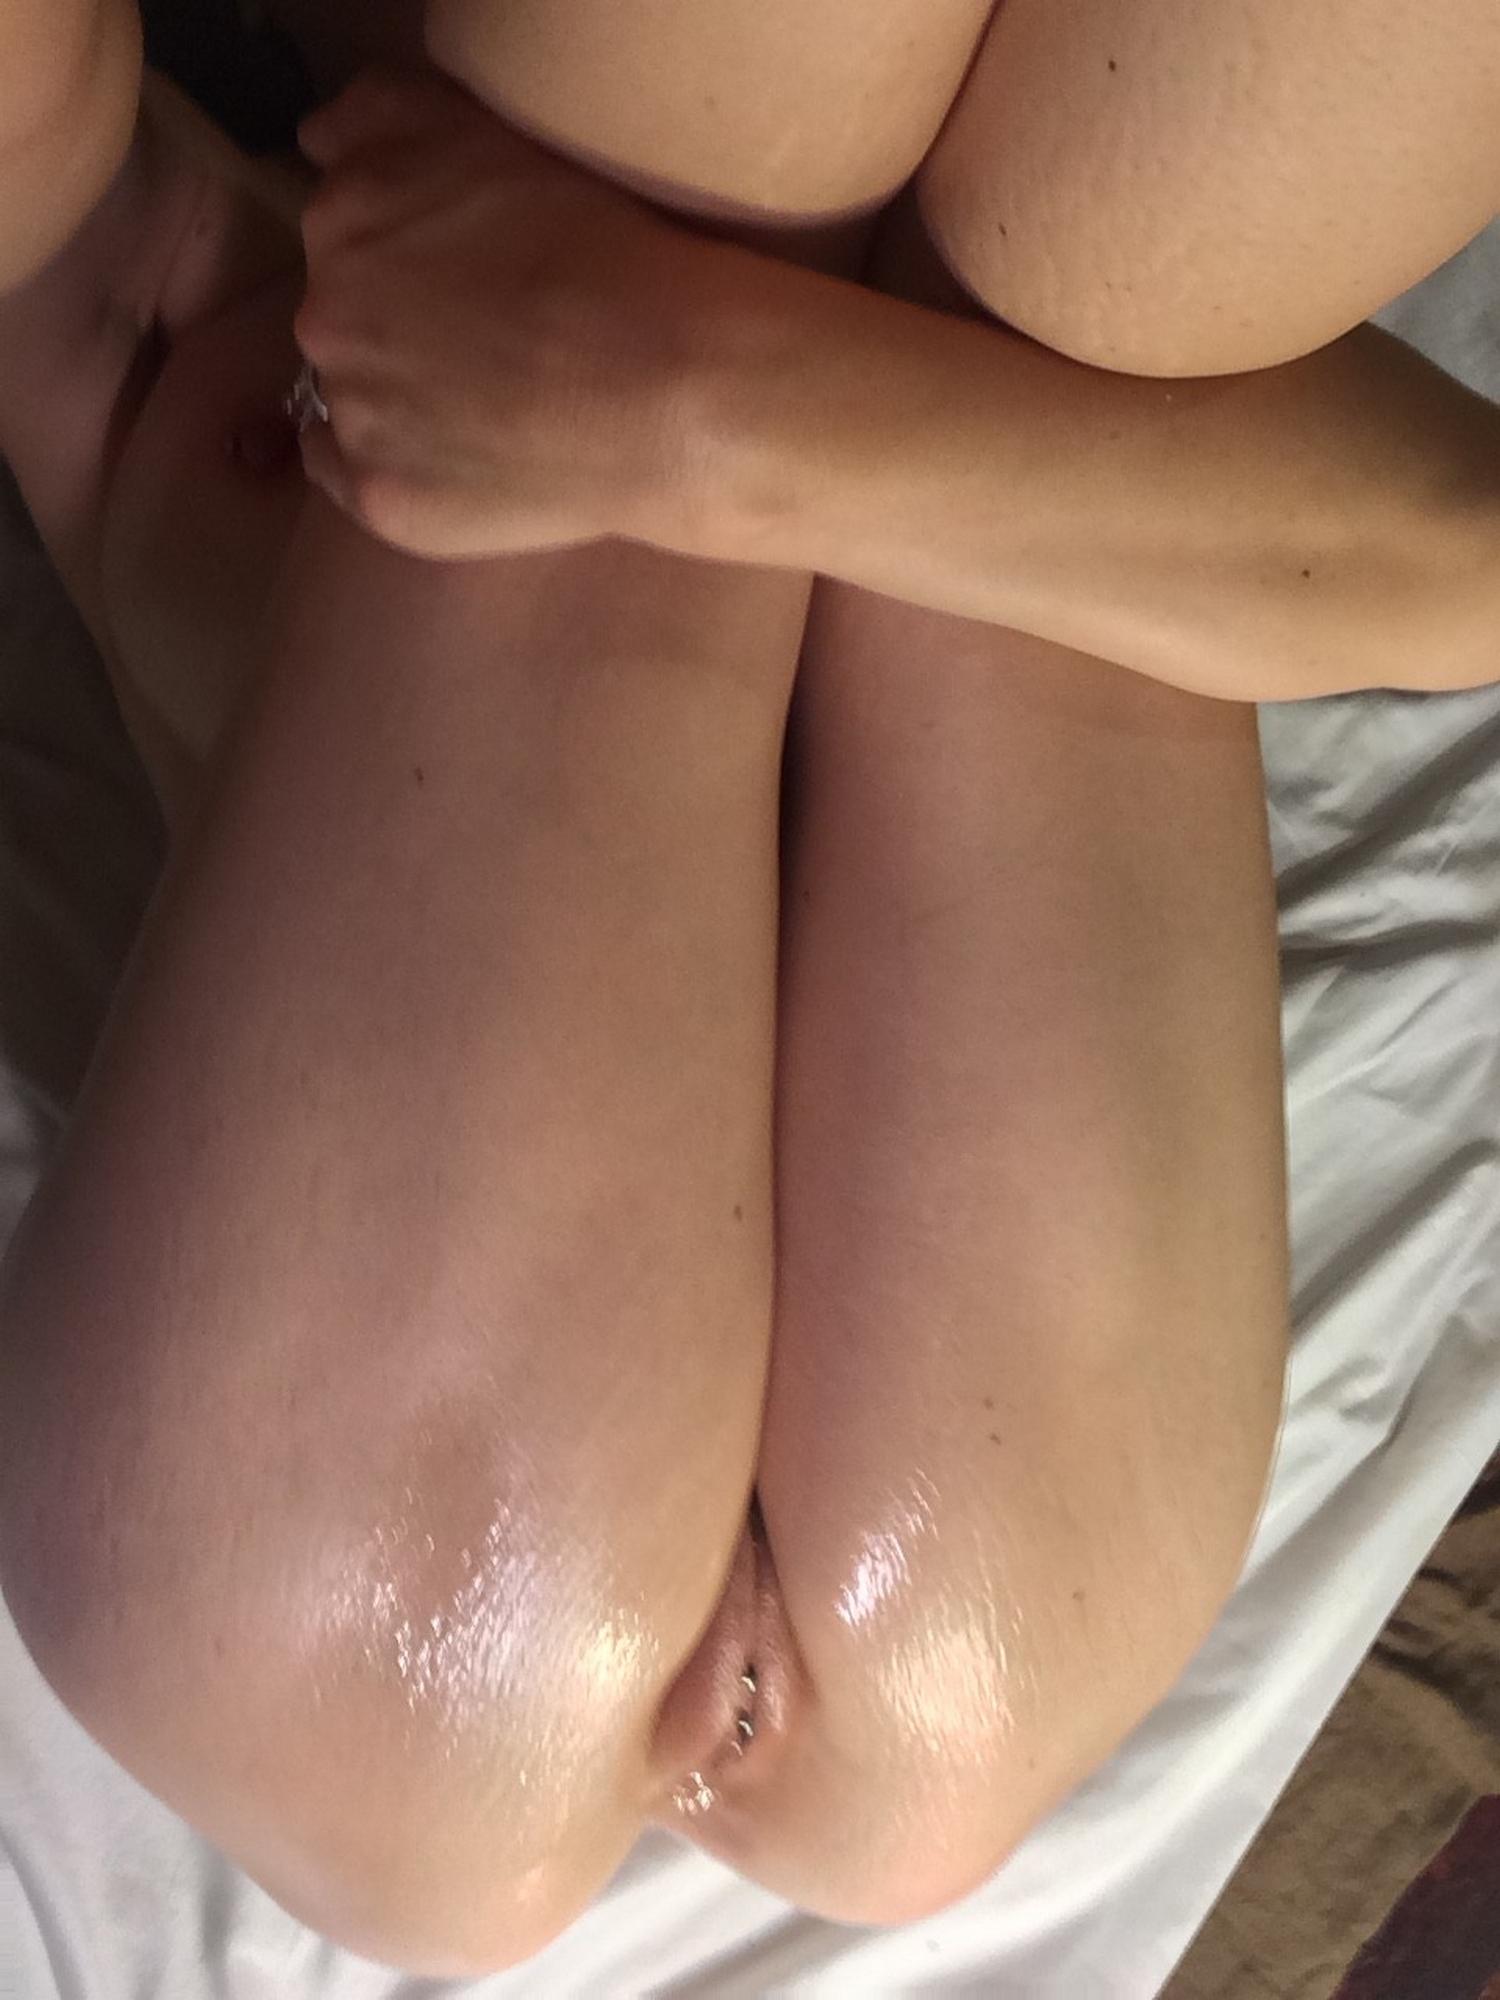 Милашка демонстрирует свою пизду крупным планом секс фото и порно фото